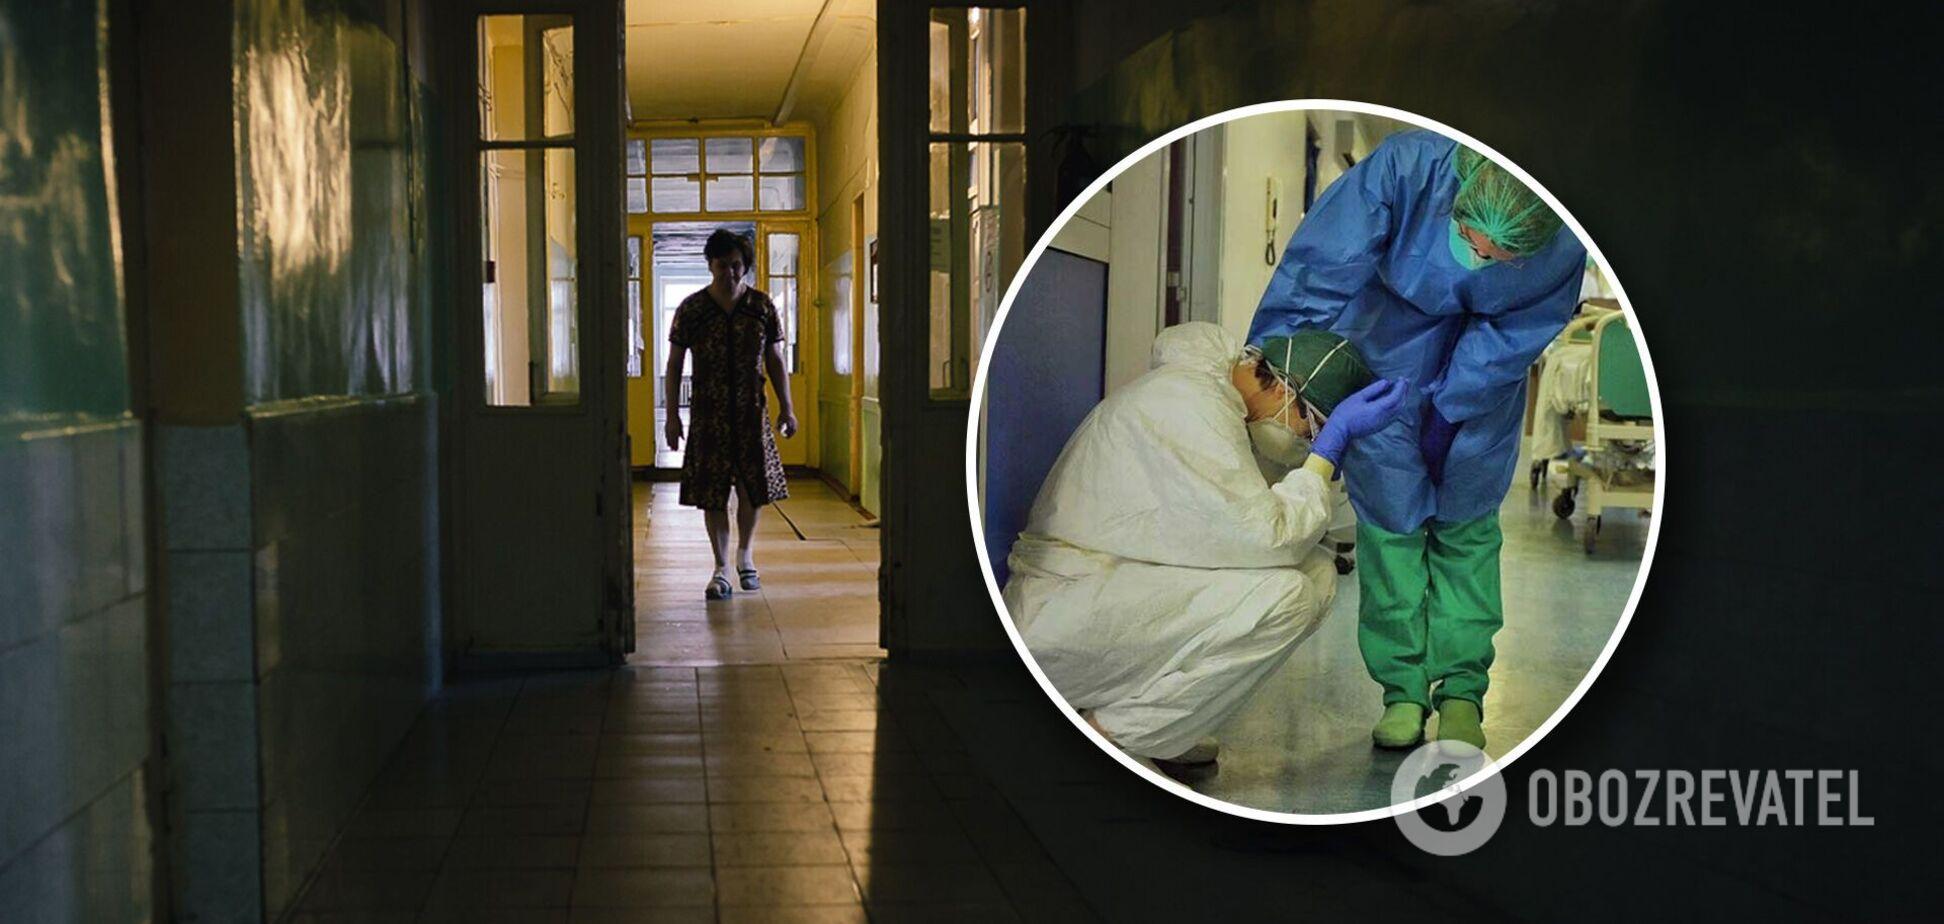 На Львовщине из-за отключения света умерли COVID-пациенты, которые могли выжить: подробности трагедии